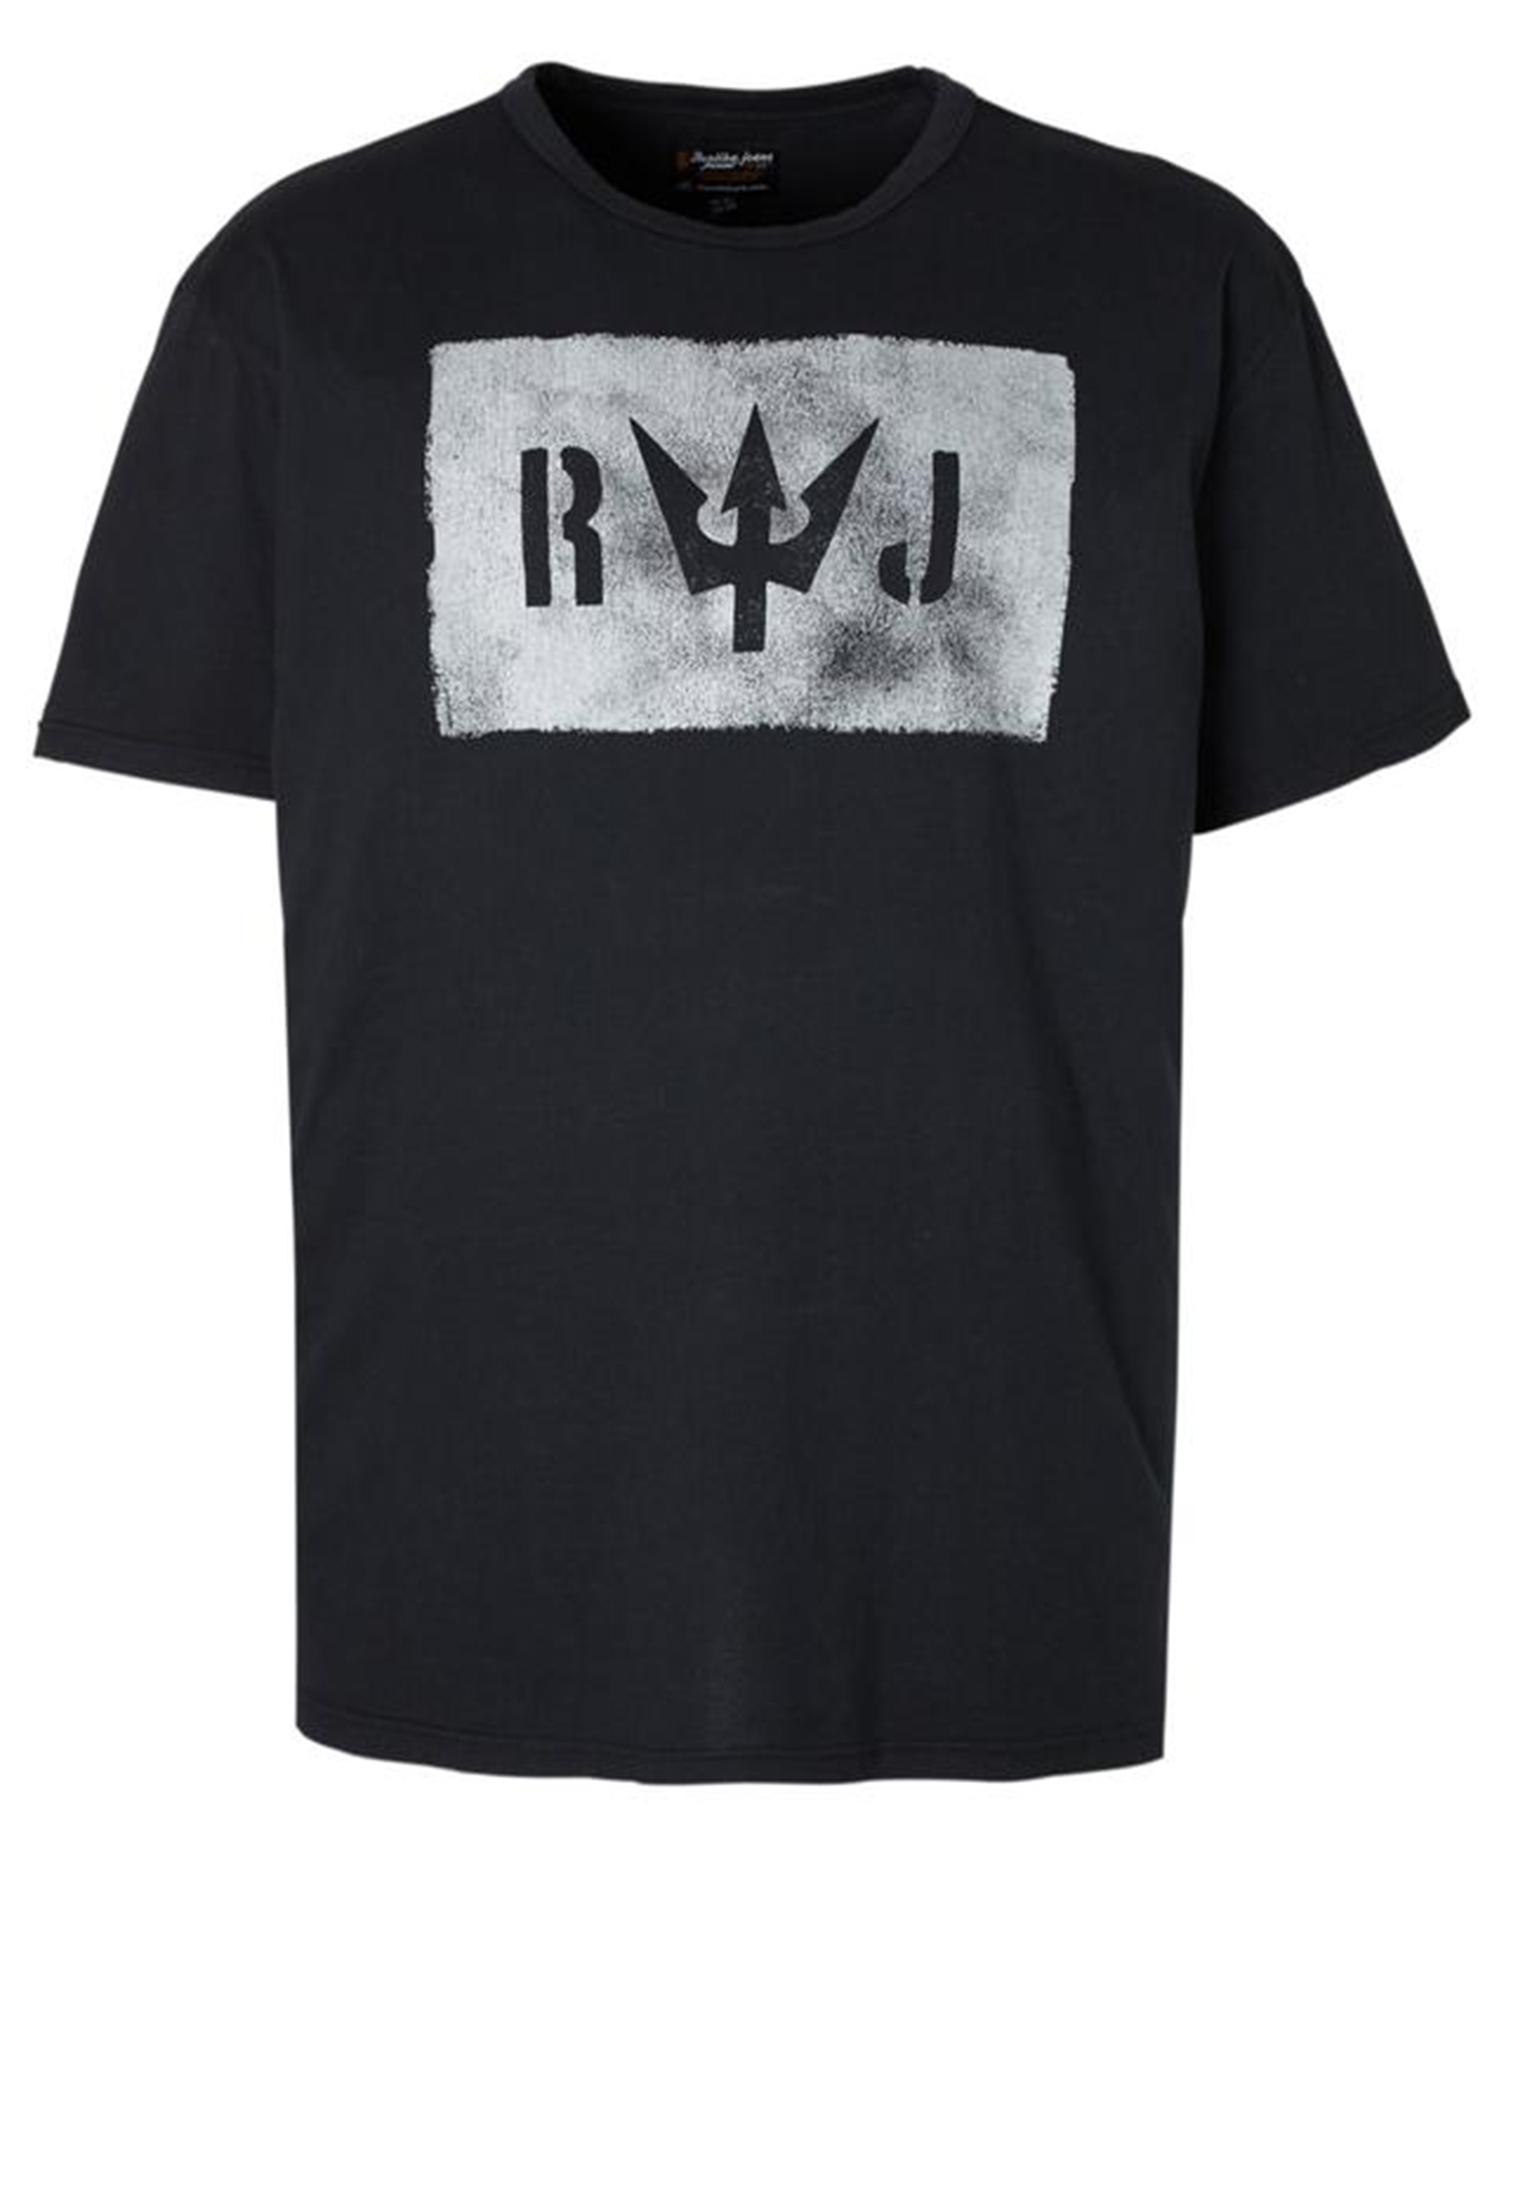 Zwart T-shirt van Replika met mooie print en ronde hals. Gemaakt van zacht katoen voor optimaal draagcomfort.